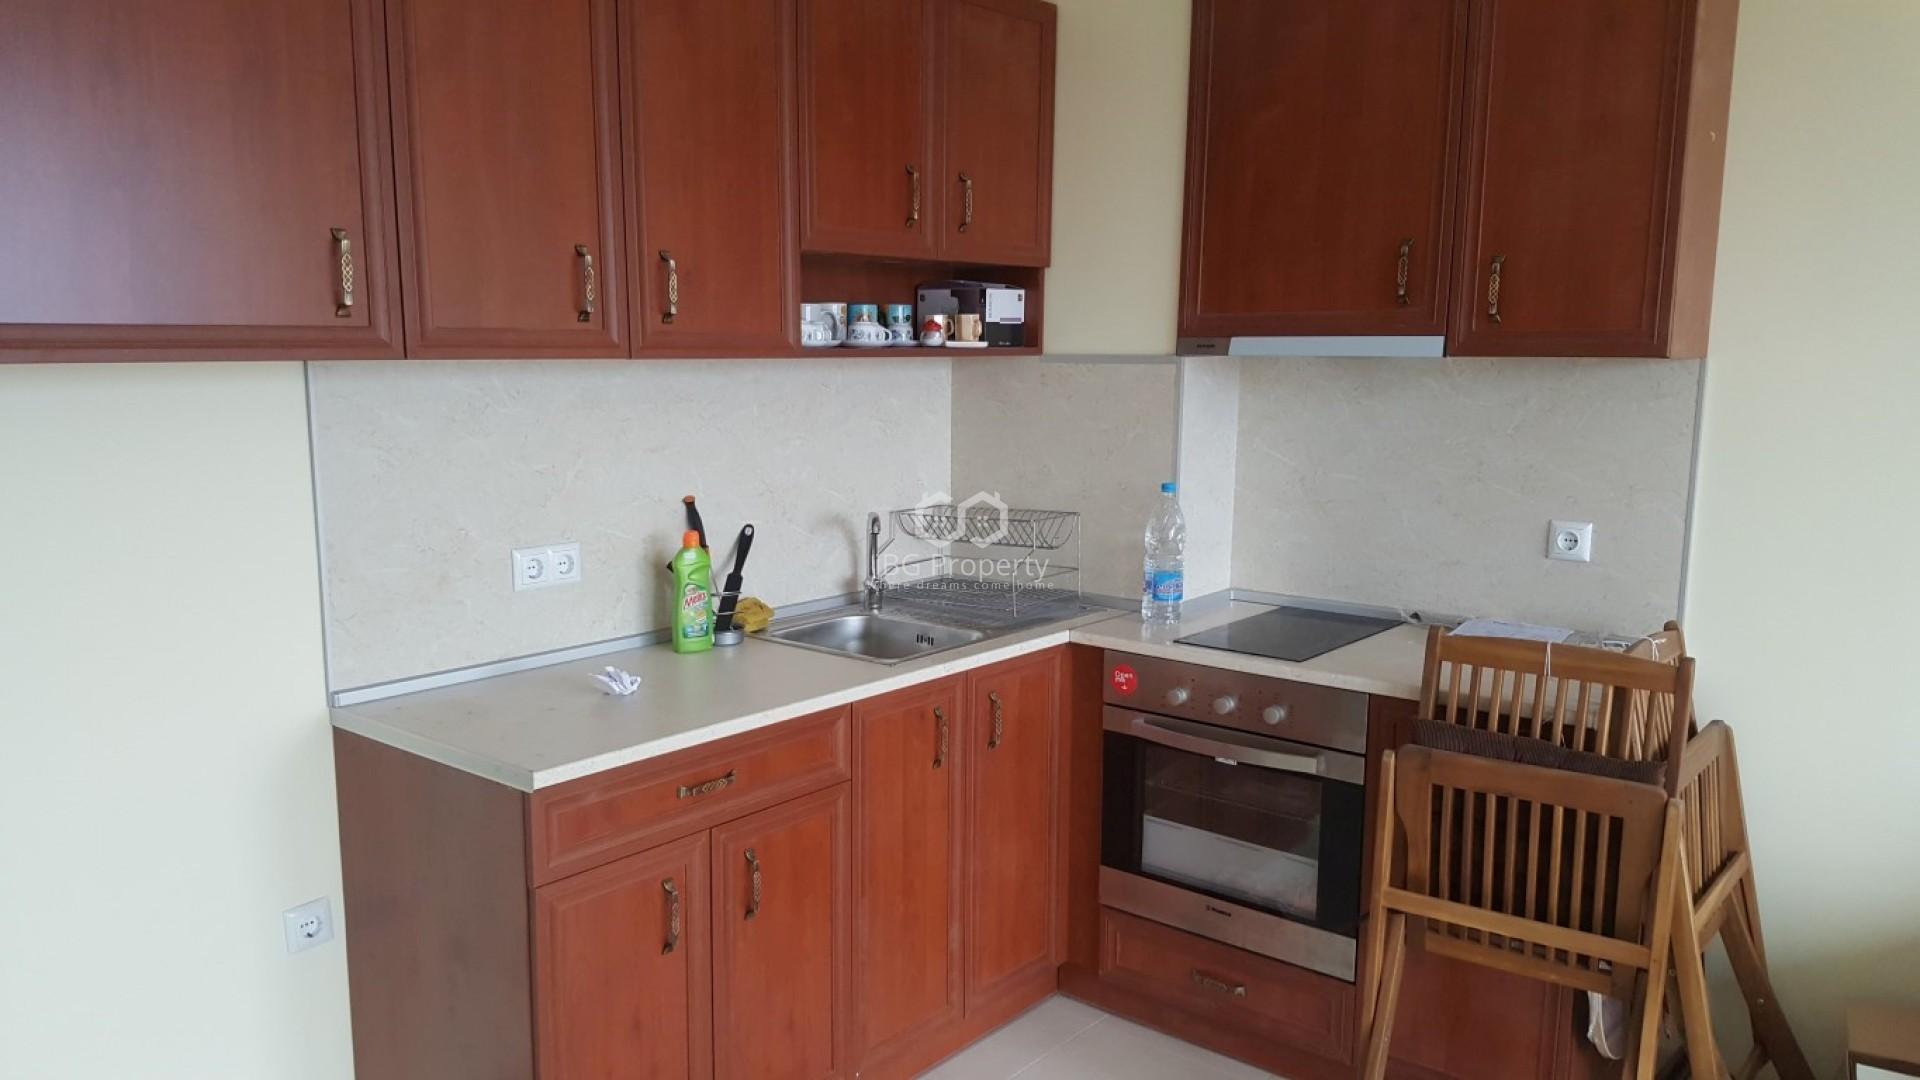 Двухкомнатная квартира Виница Варна 61,70 m2